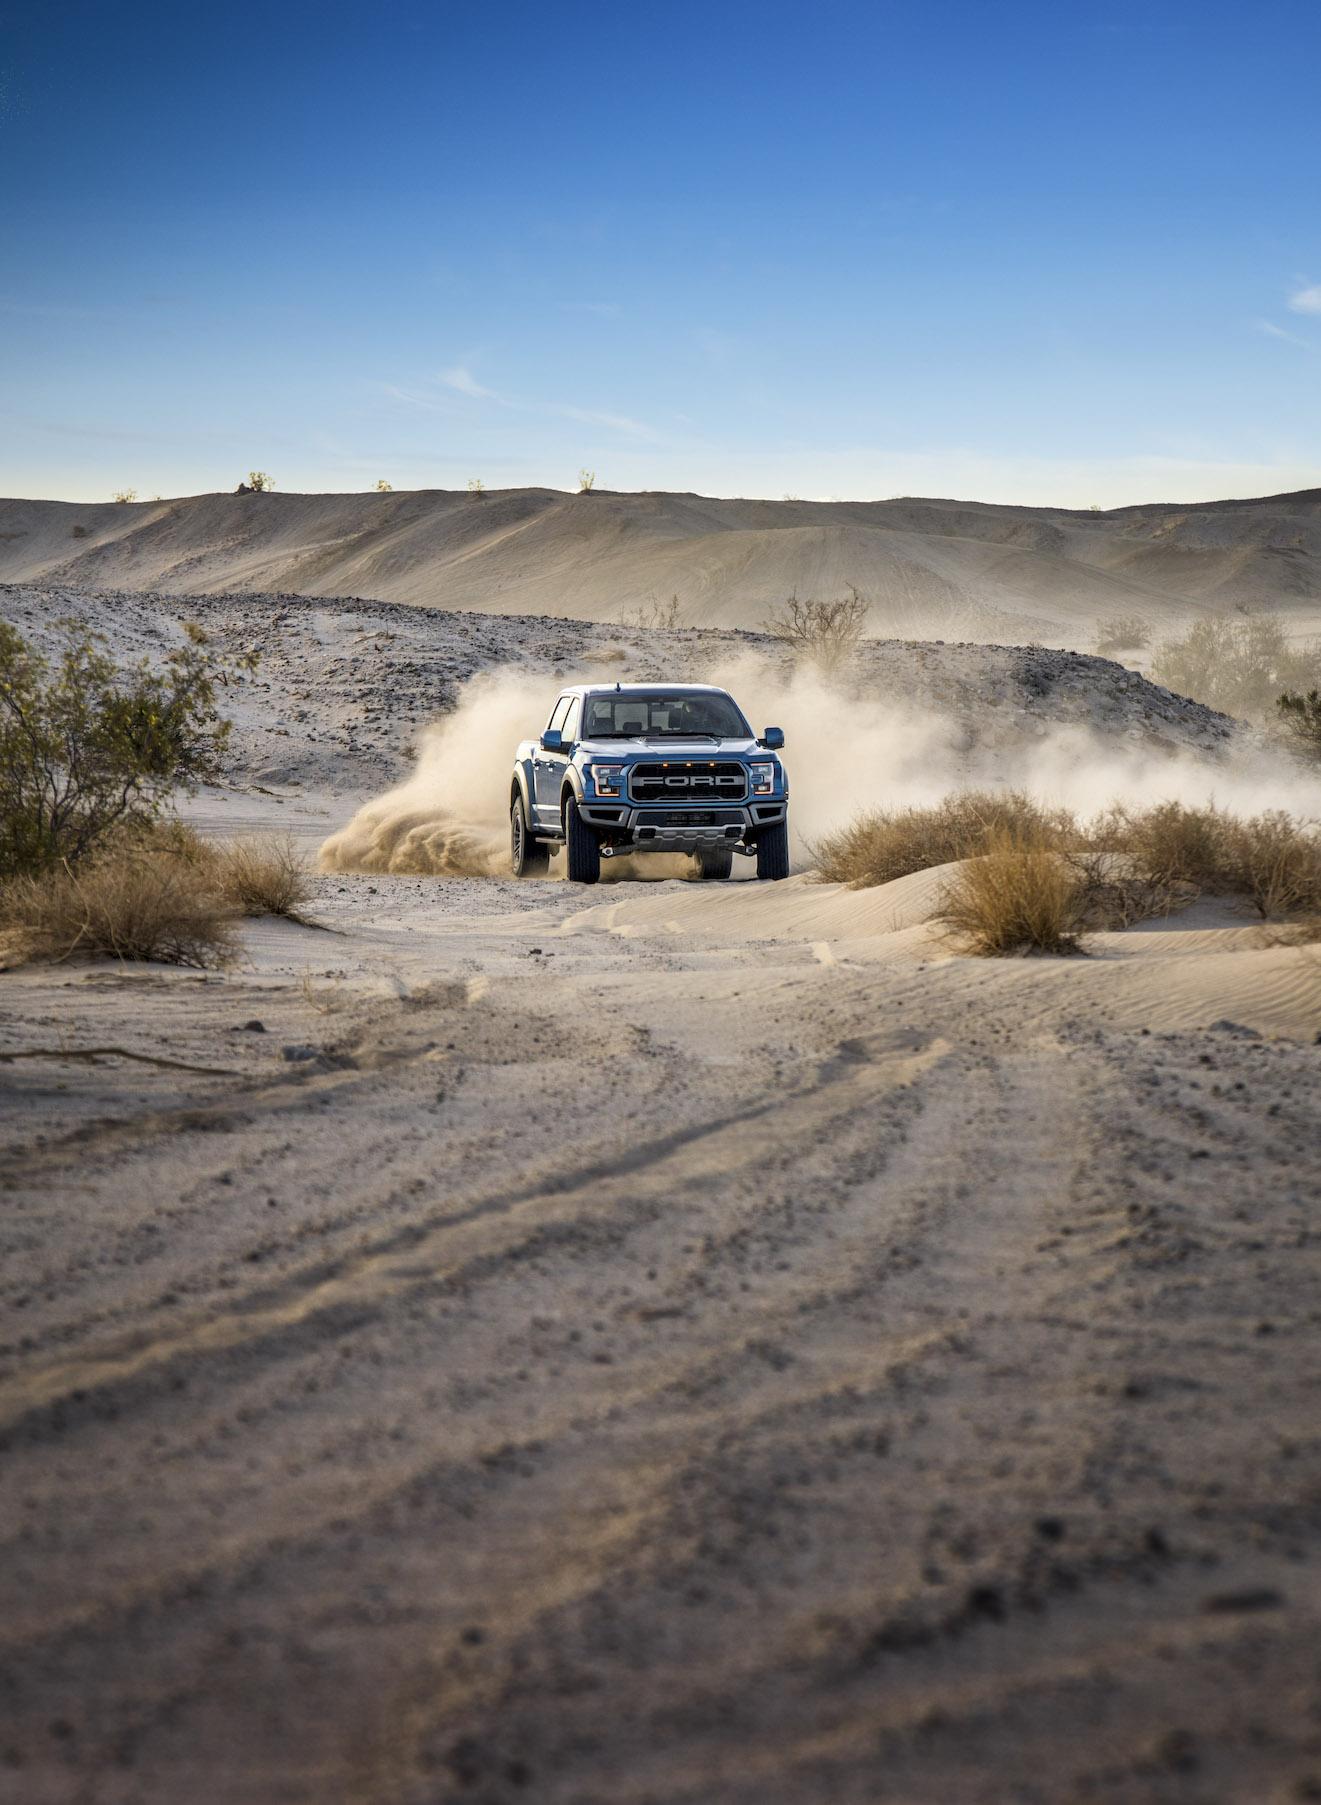 2019 Ford F-150 Raptor Dusty Trail